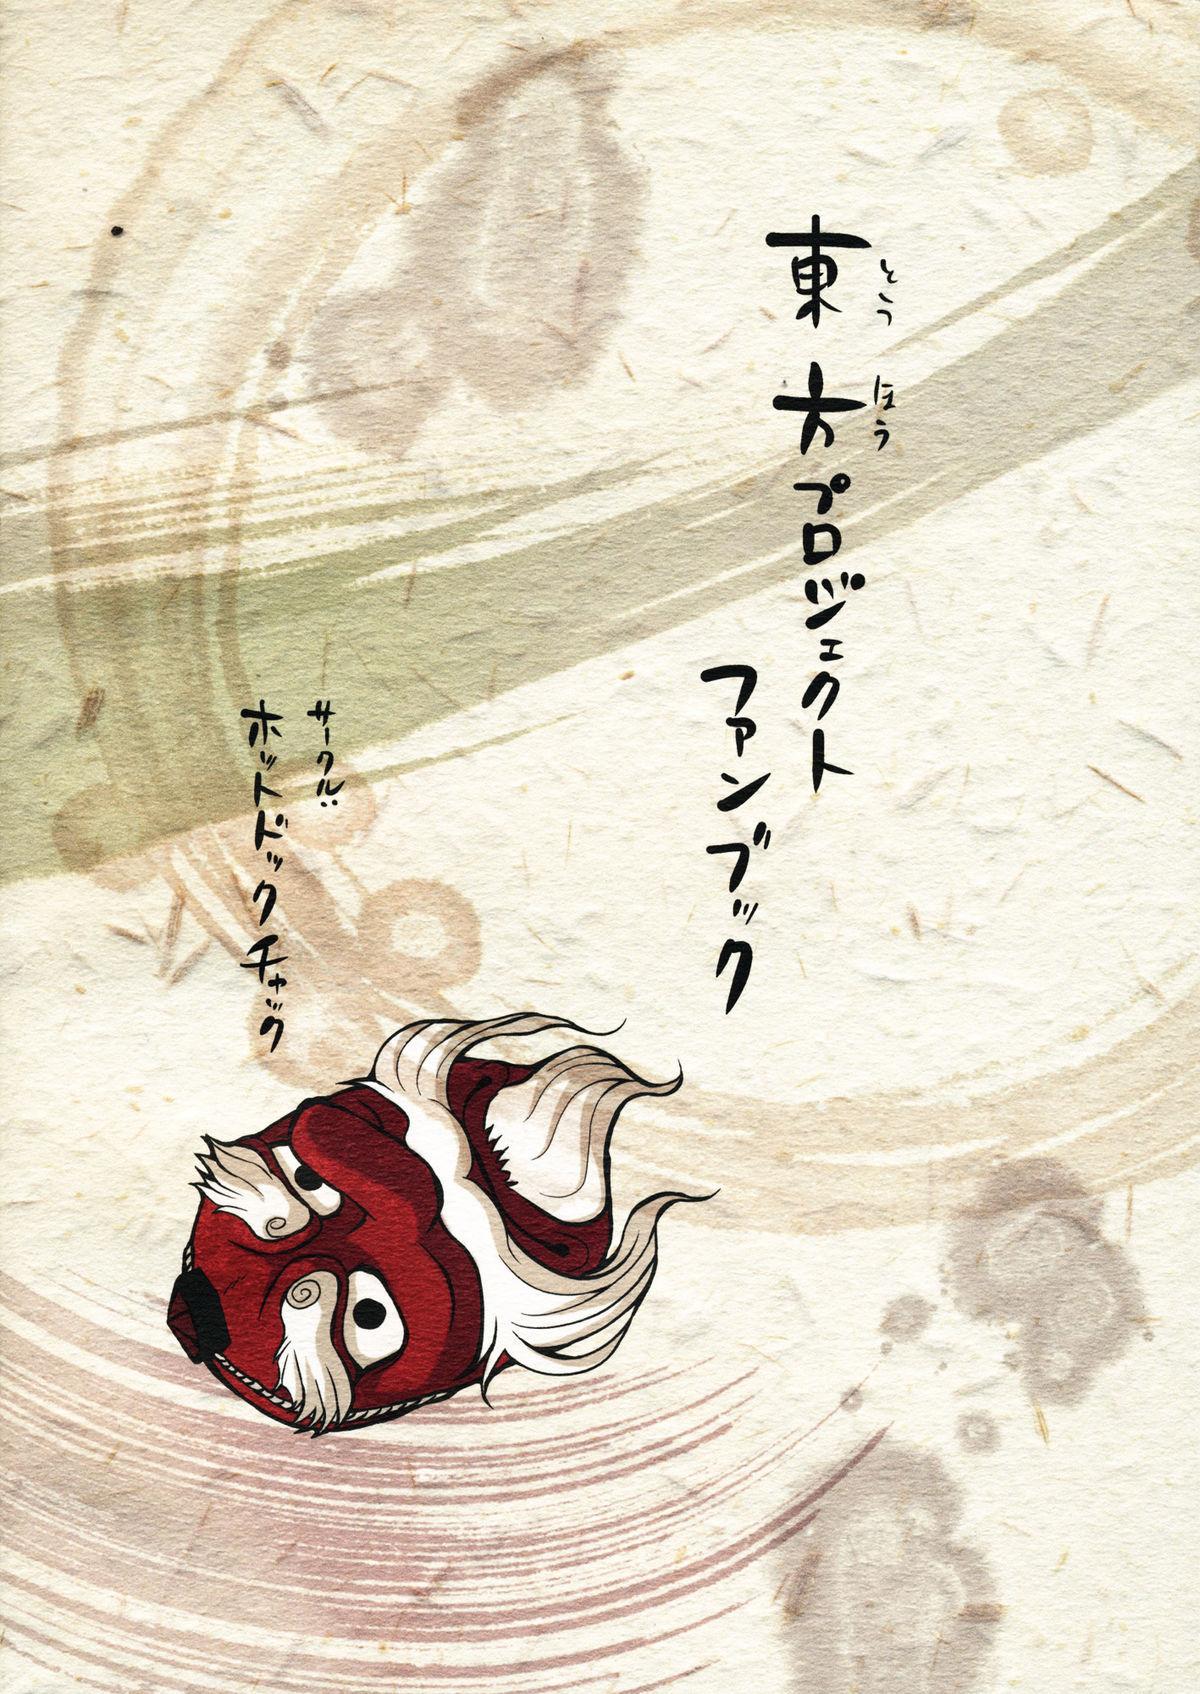 Shoujo Sono Na wa Amatsu Kamiboshi | A Girl named Amatsu Mikaboshi 17